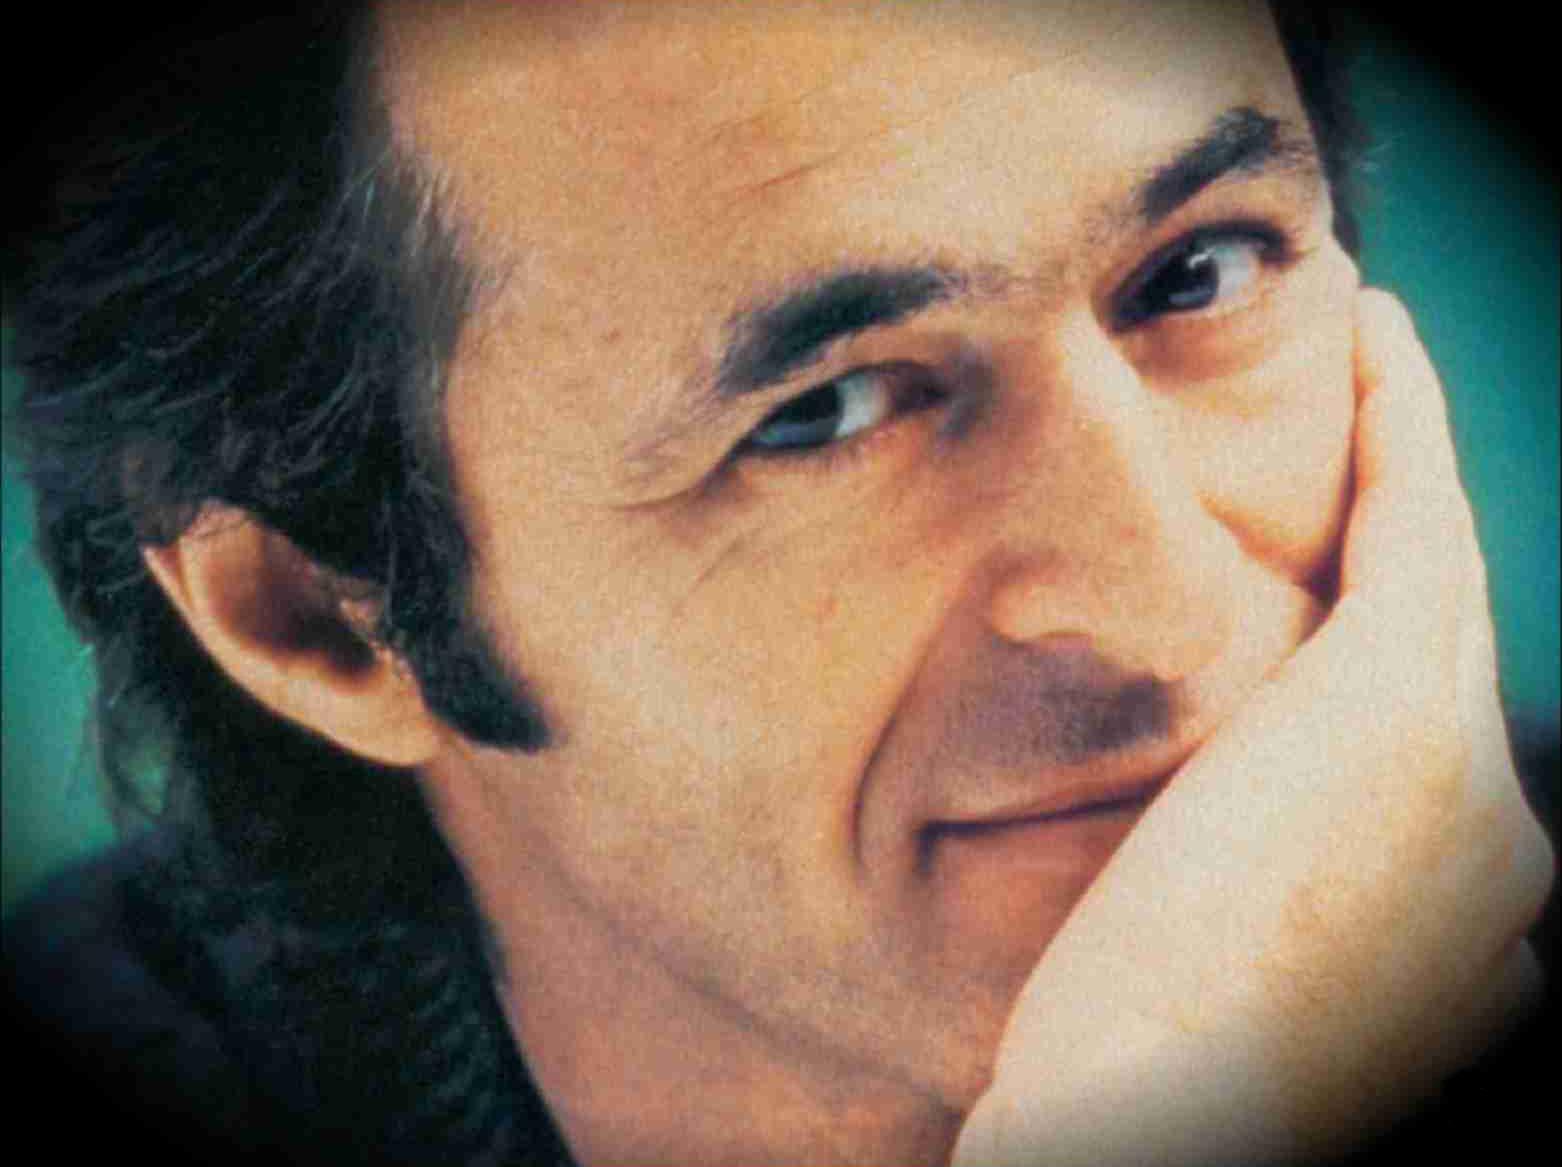 Jean-Jacques Goldman participe à un album et un spectacle sur la bataille de Normandie